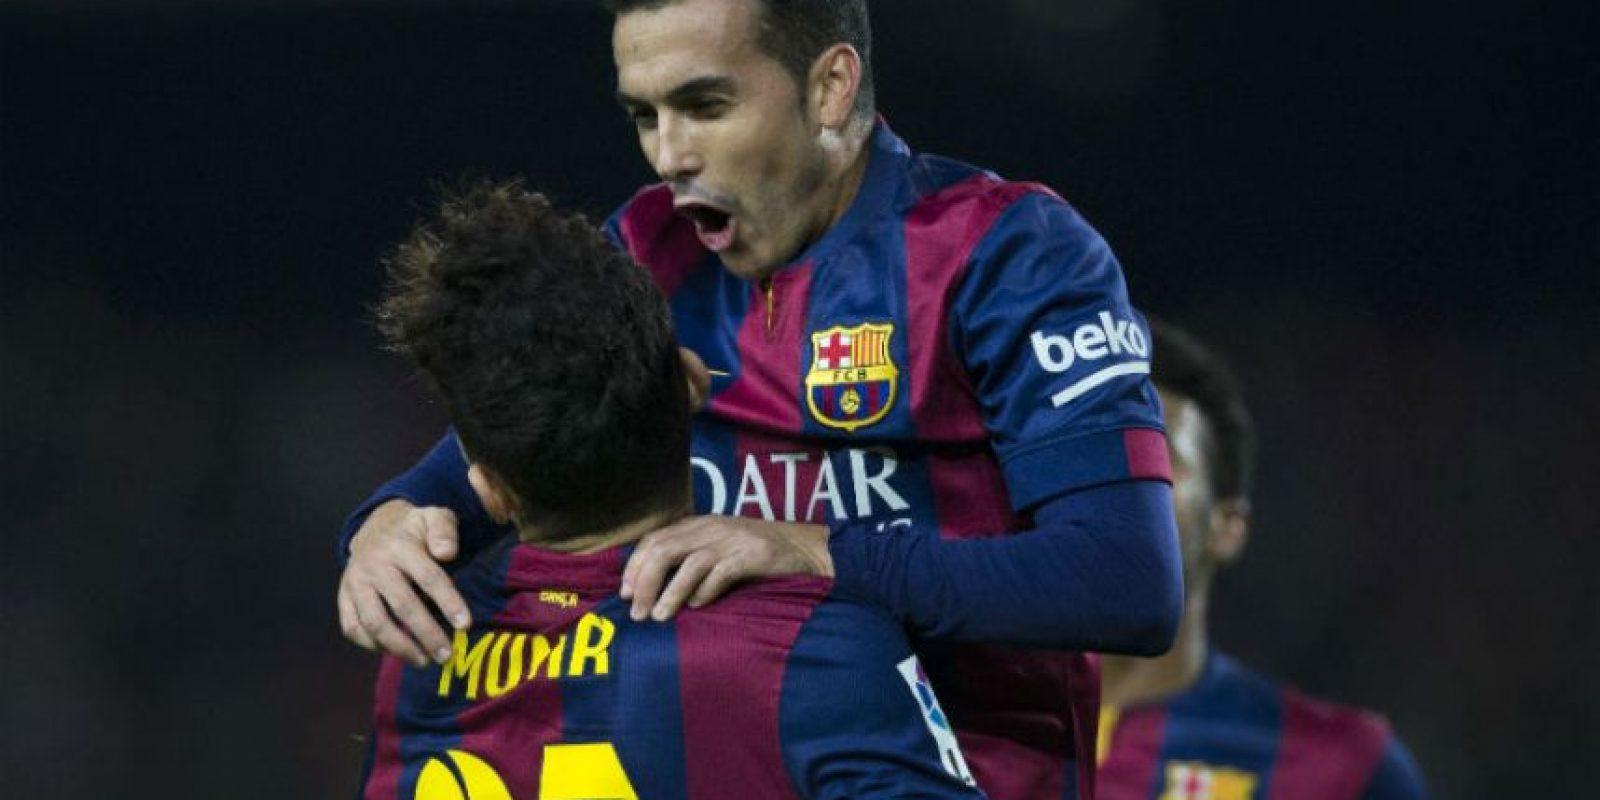 Pedro anotó tres de los ocho goles del Barça al Huesca. Foto:EFE